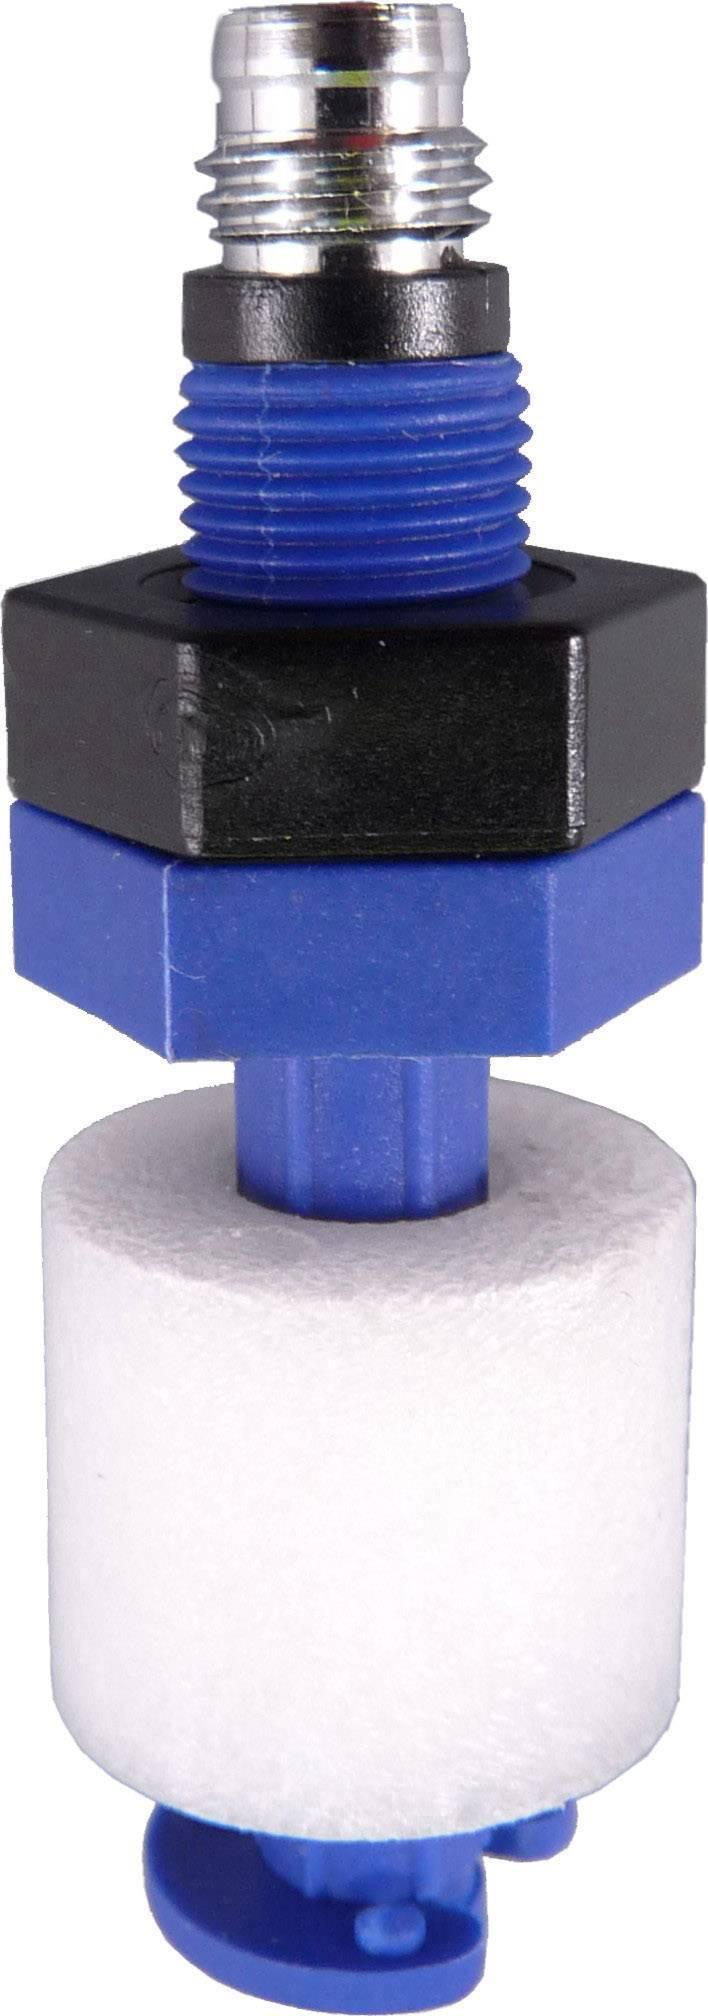 Hladinový spínač Binsack 17187, 100 V/DC, 0.5 A, 1 spínací kontakt, 1 ks